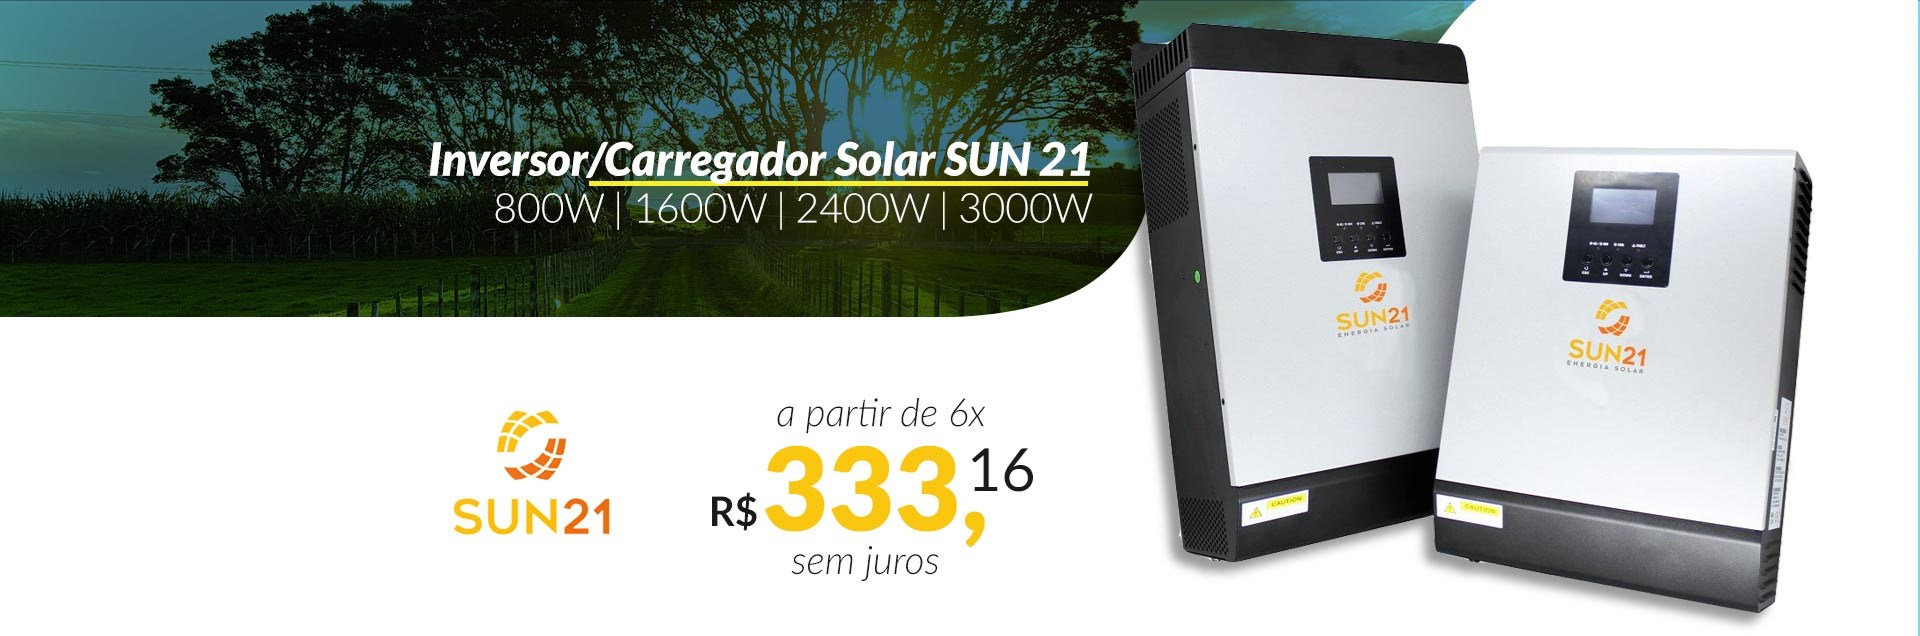 nversor/Carregador Solar Senoidal SUN21